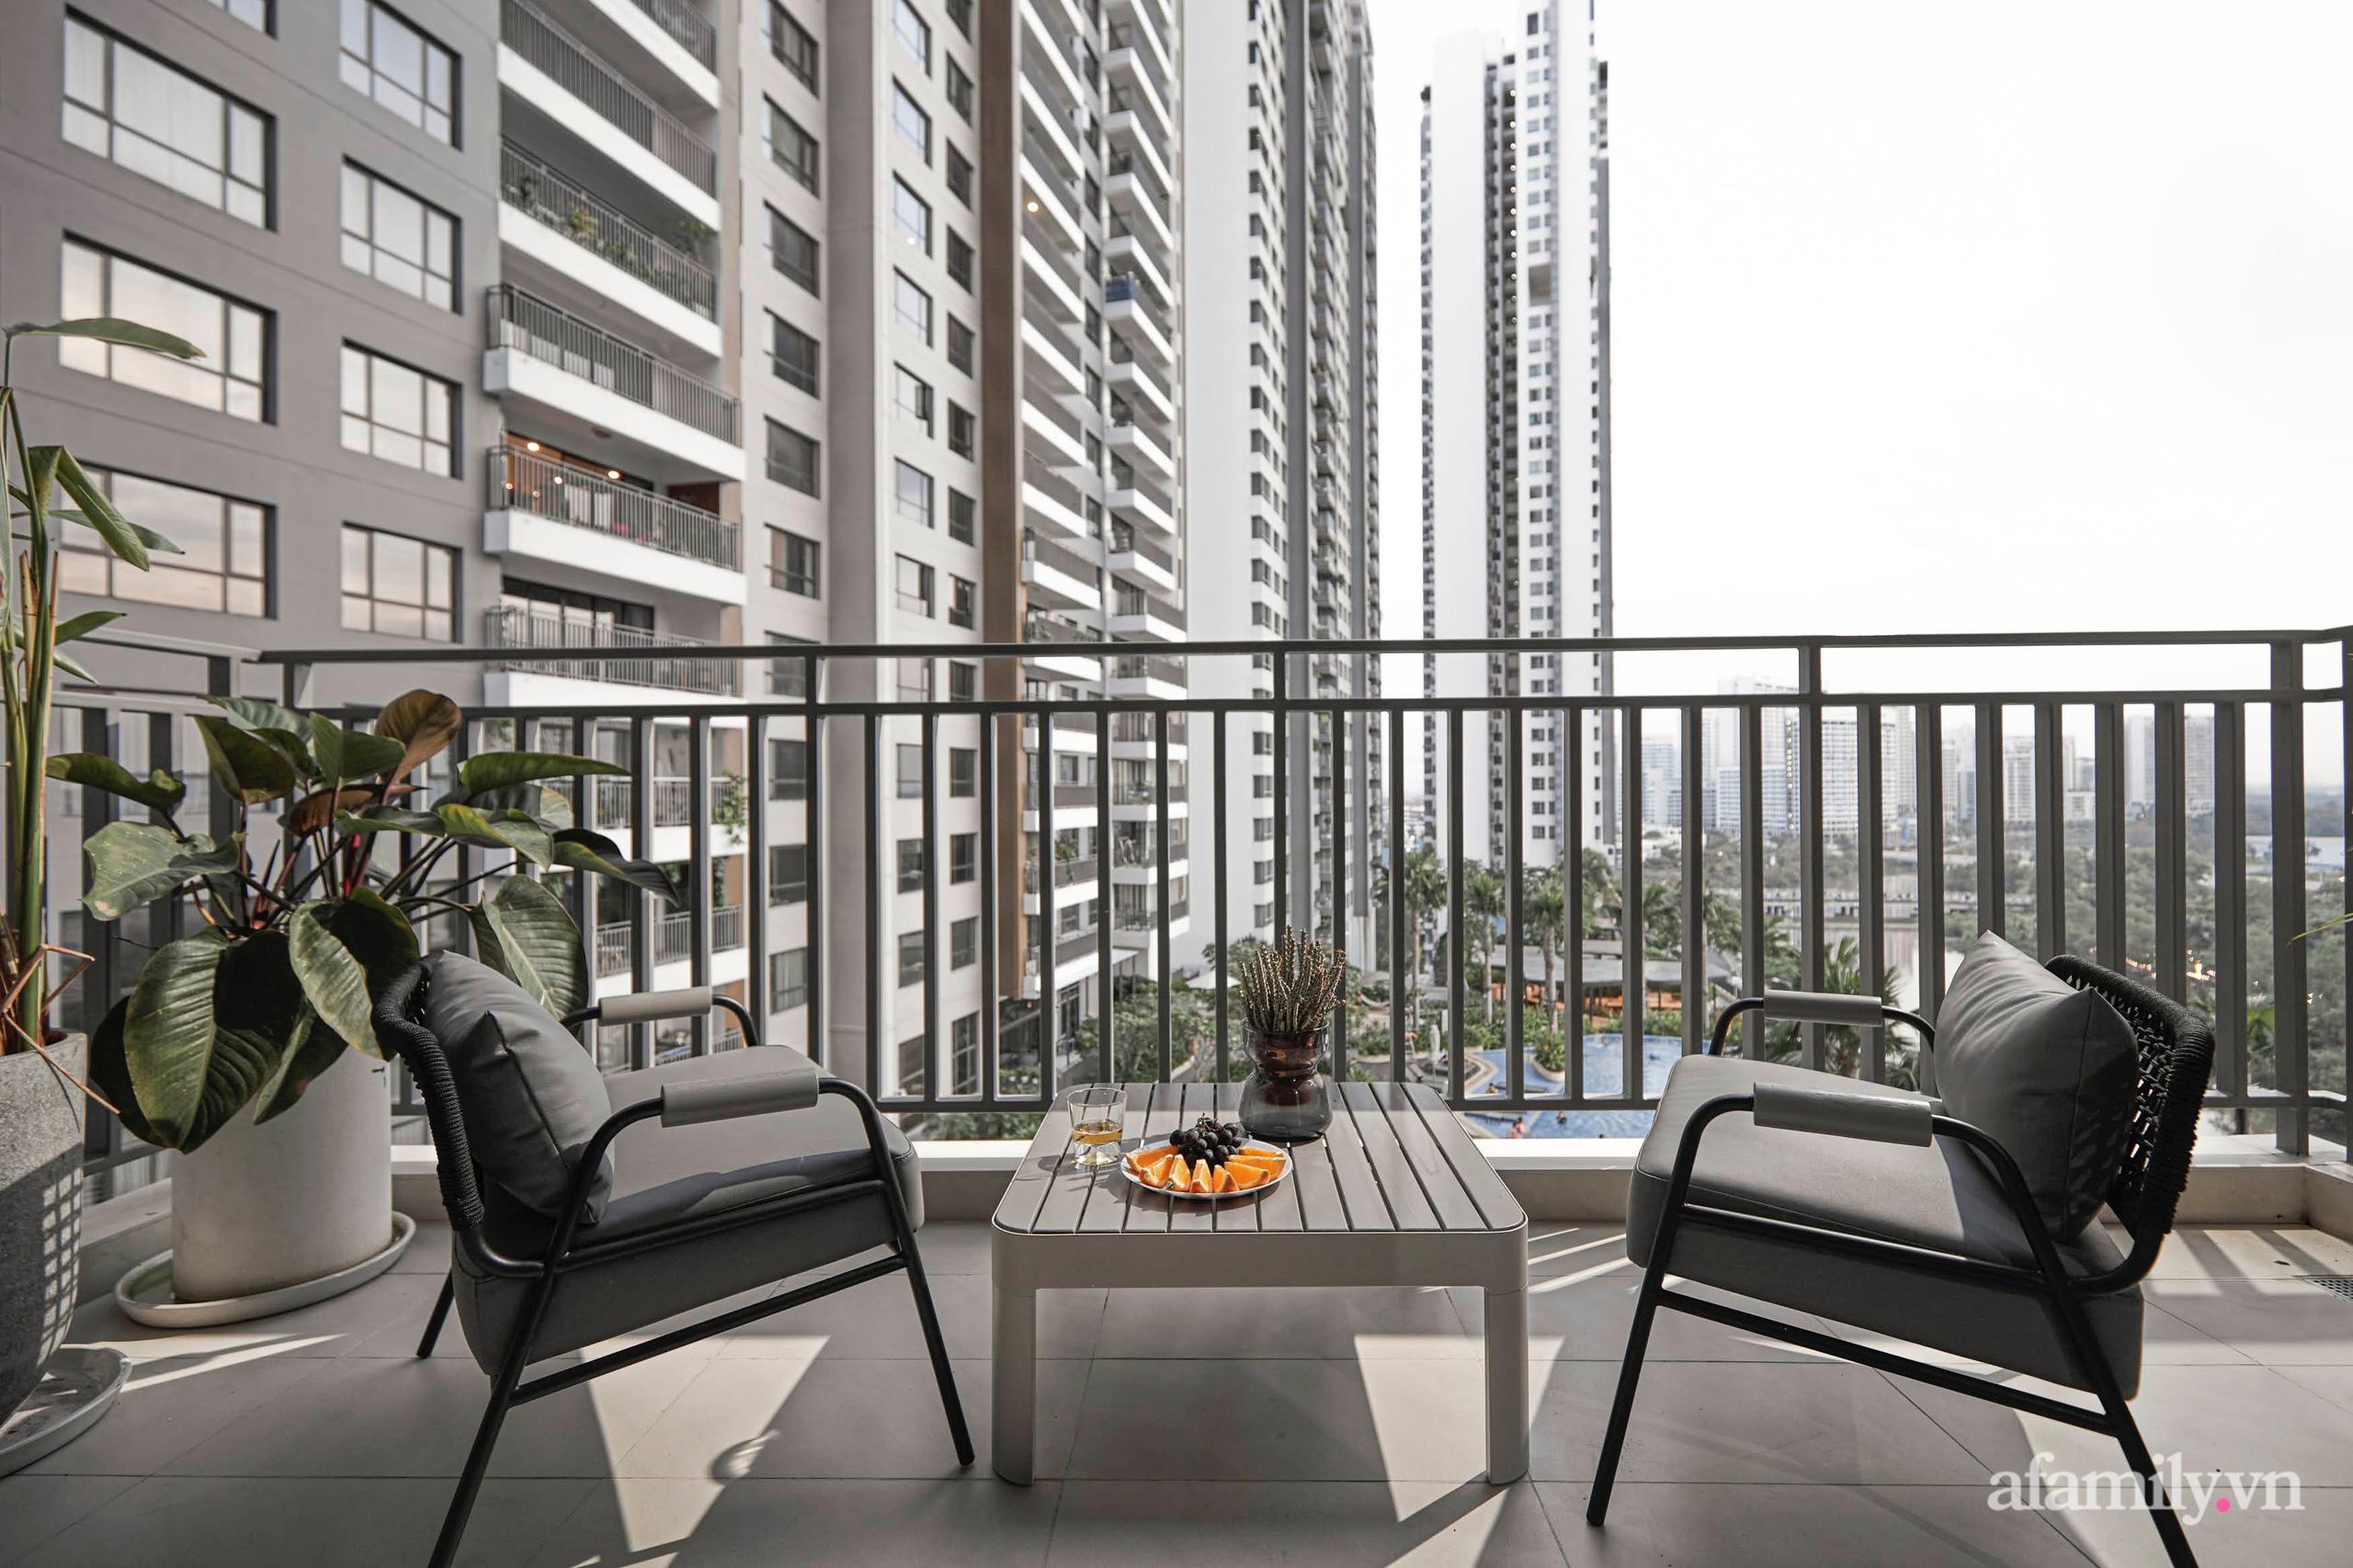 Căn hộ 2 tầng rộng 145m² đẹp sang trọng với điểm nhấn mộc mạc từ chất liệu bê tông ở Sài Gòn - Ảnh 20.